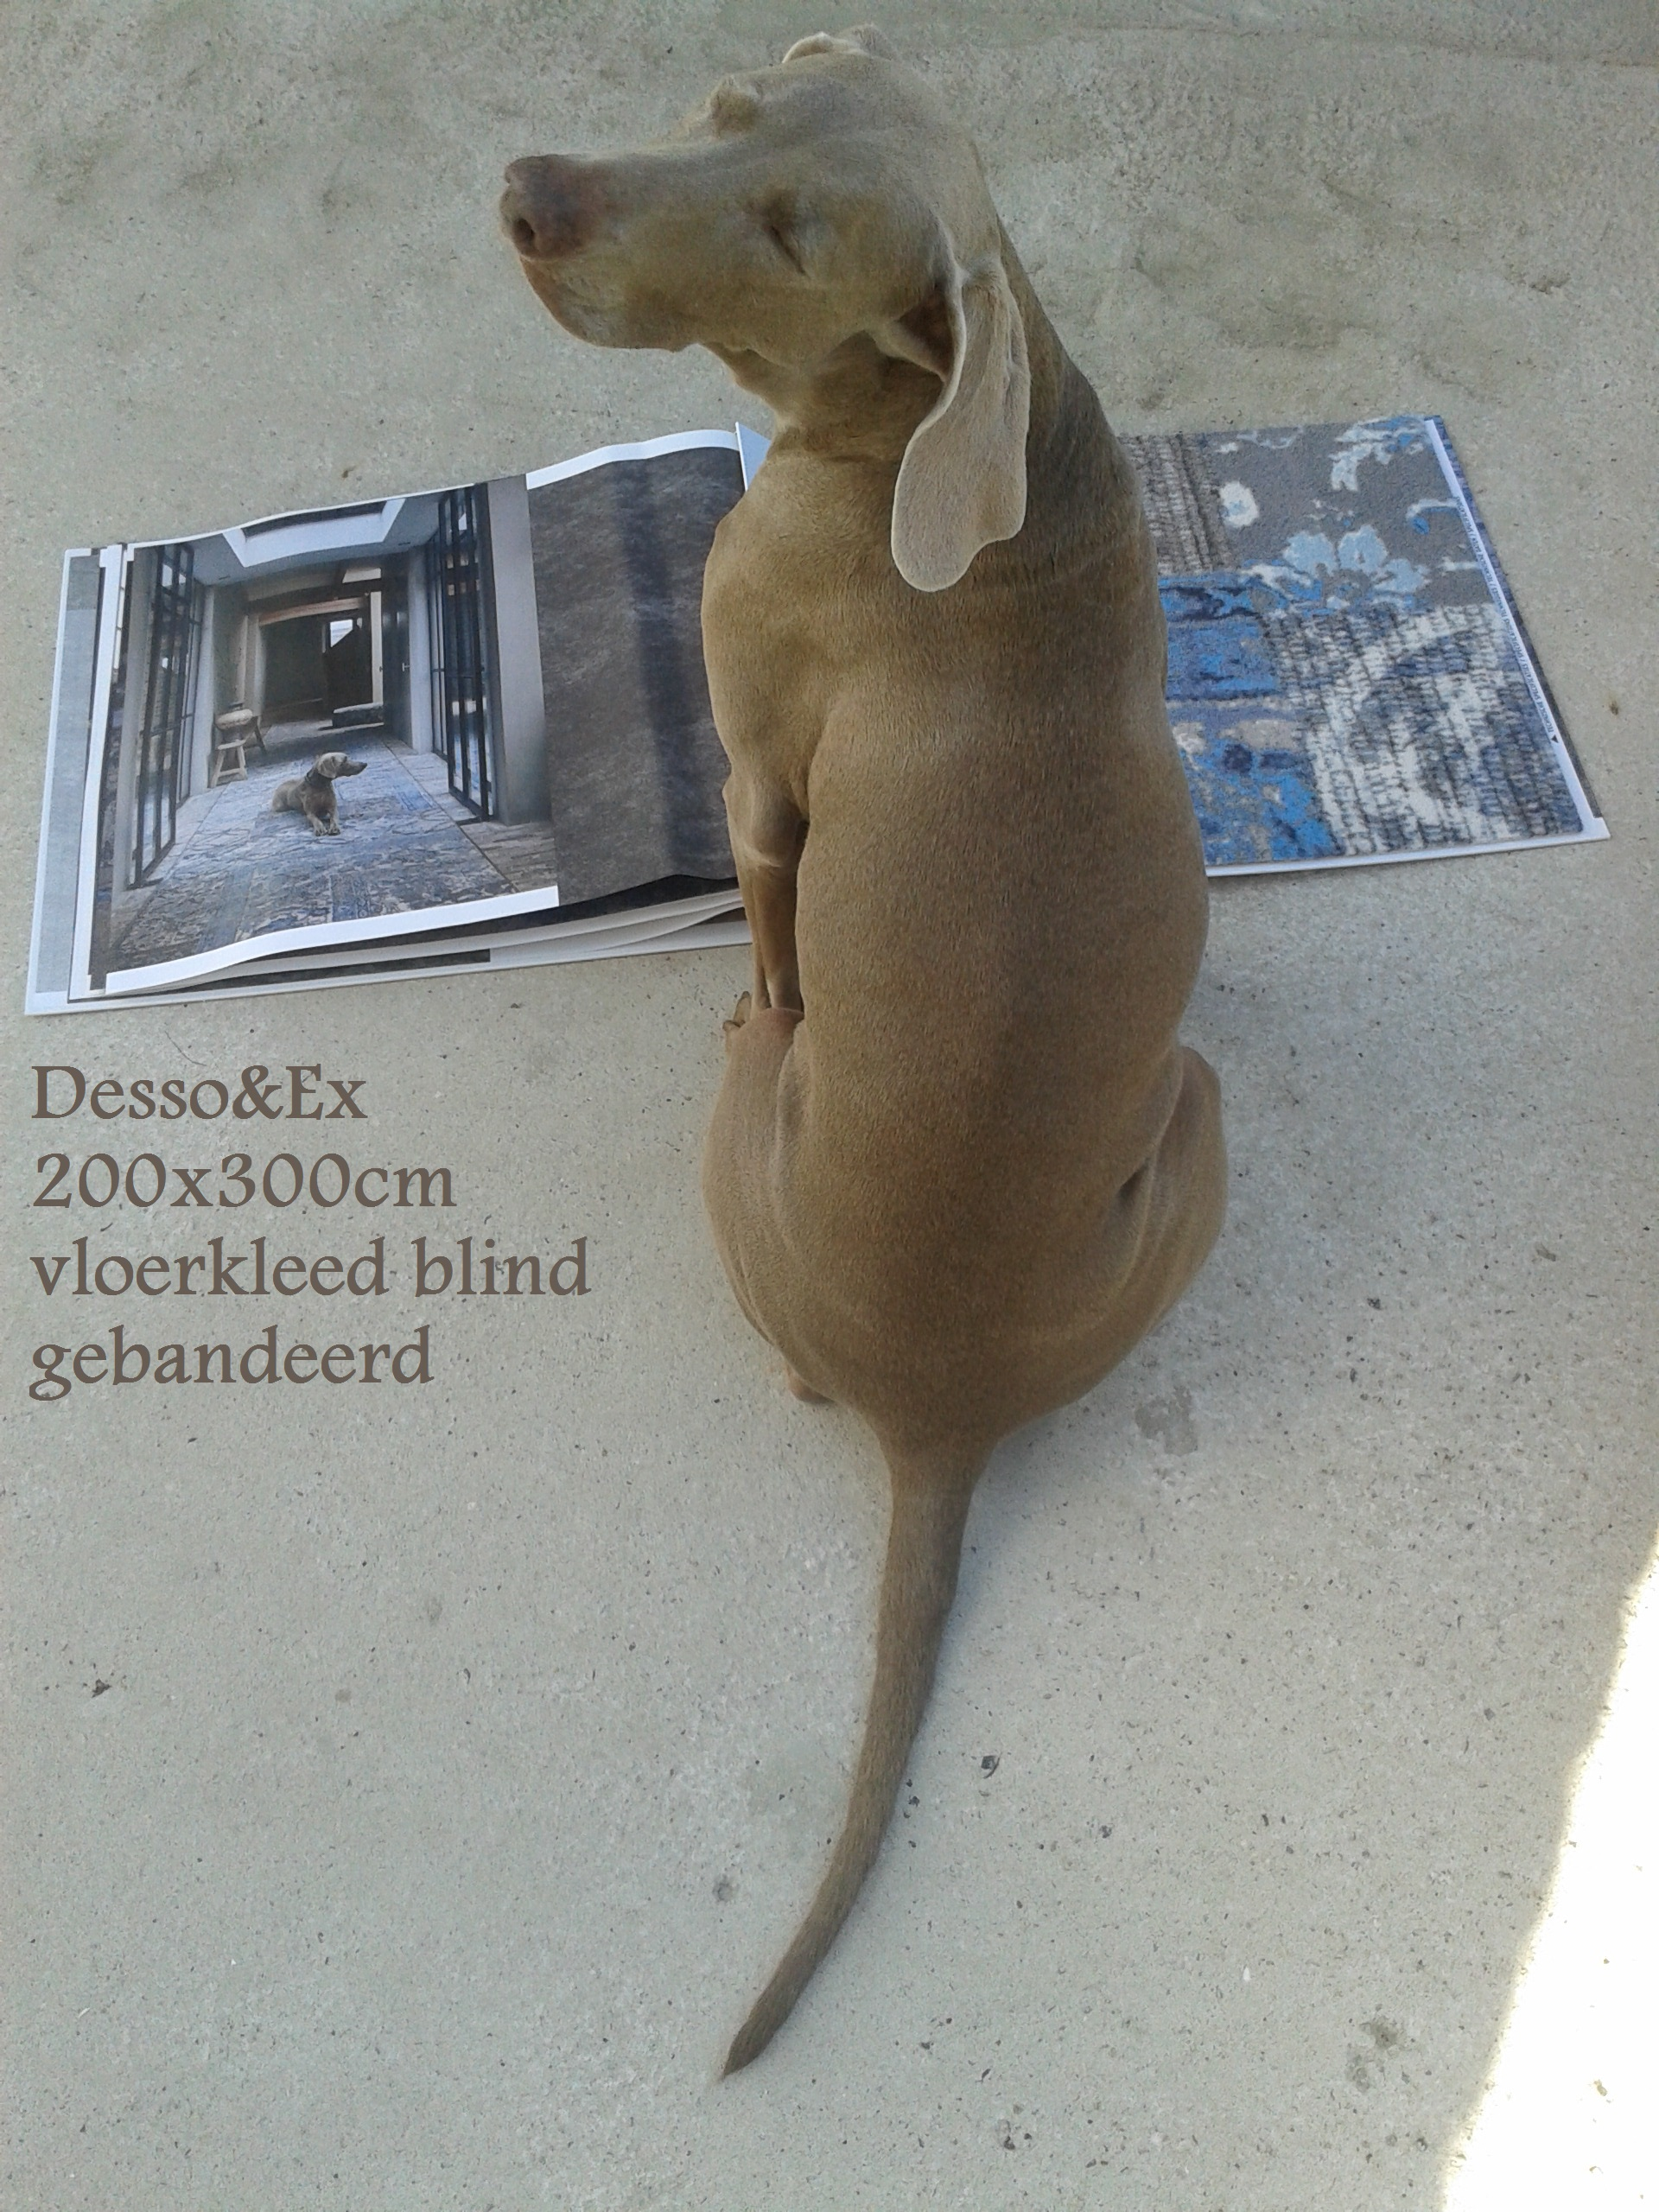 Desso&Ex 200x300 blind gebandeerd